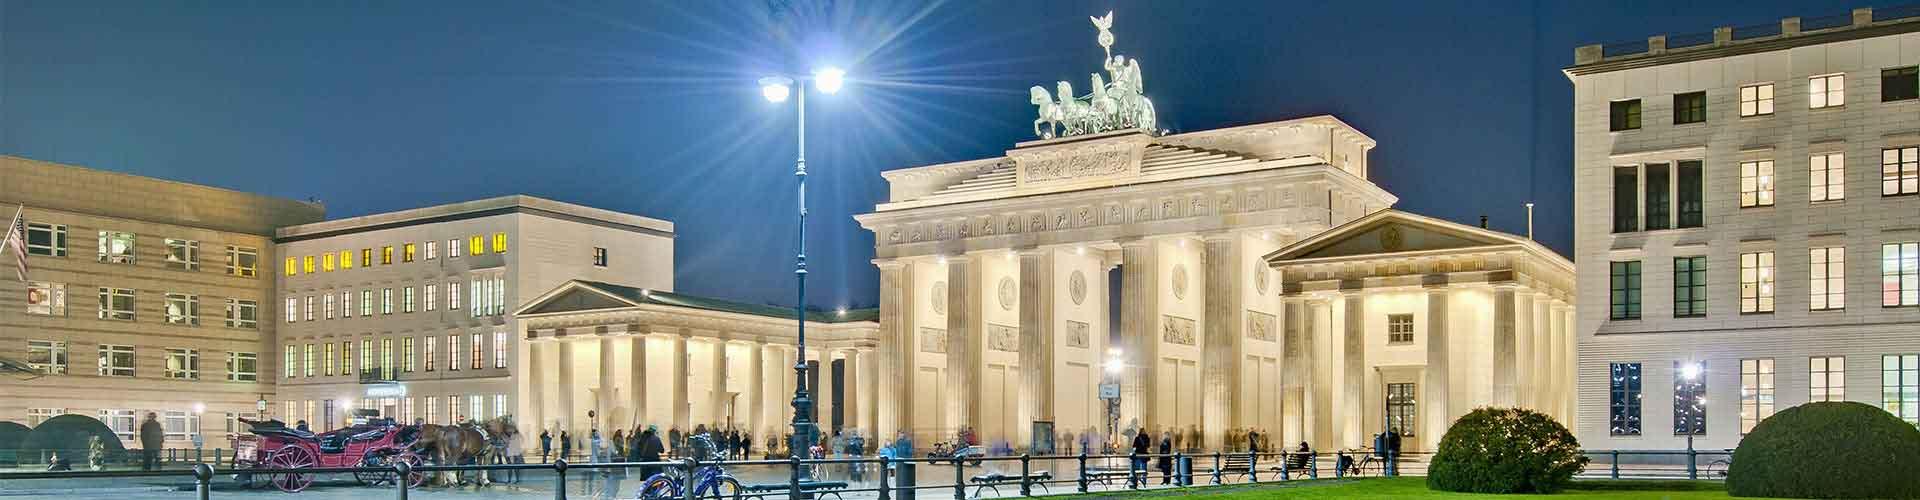 Berlin - Hostele w pobliżu: Pariser Platz. Mapy: Berlin, Zdjęcia i Recenzje dla każdego hostelu w mieście: Berlin.